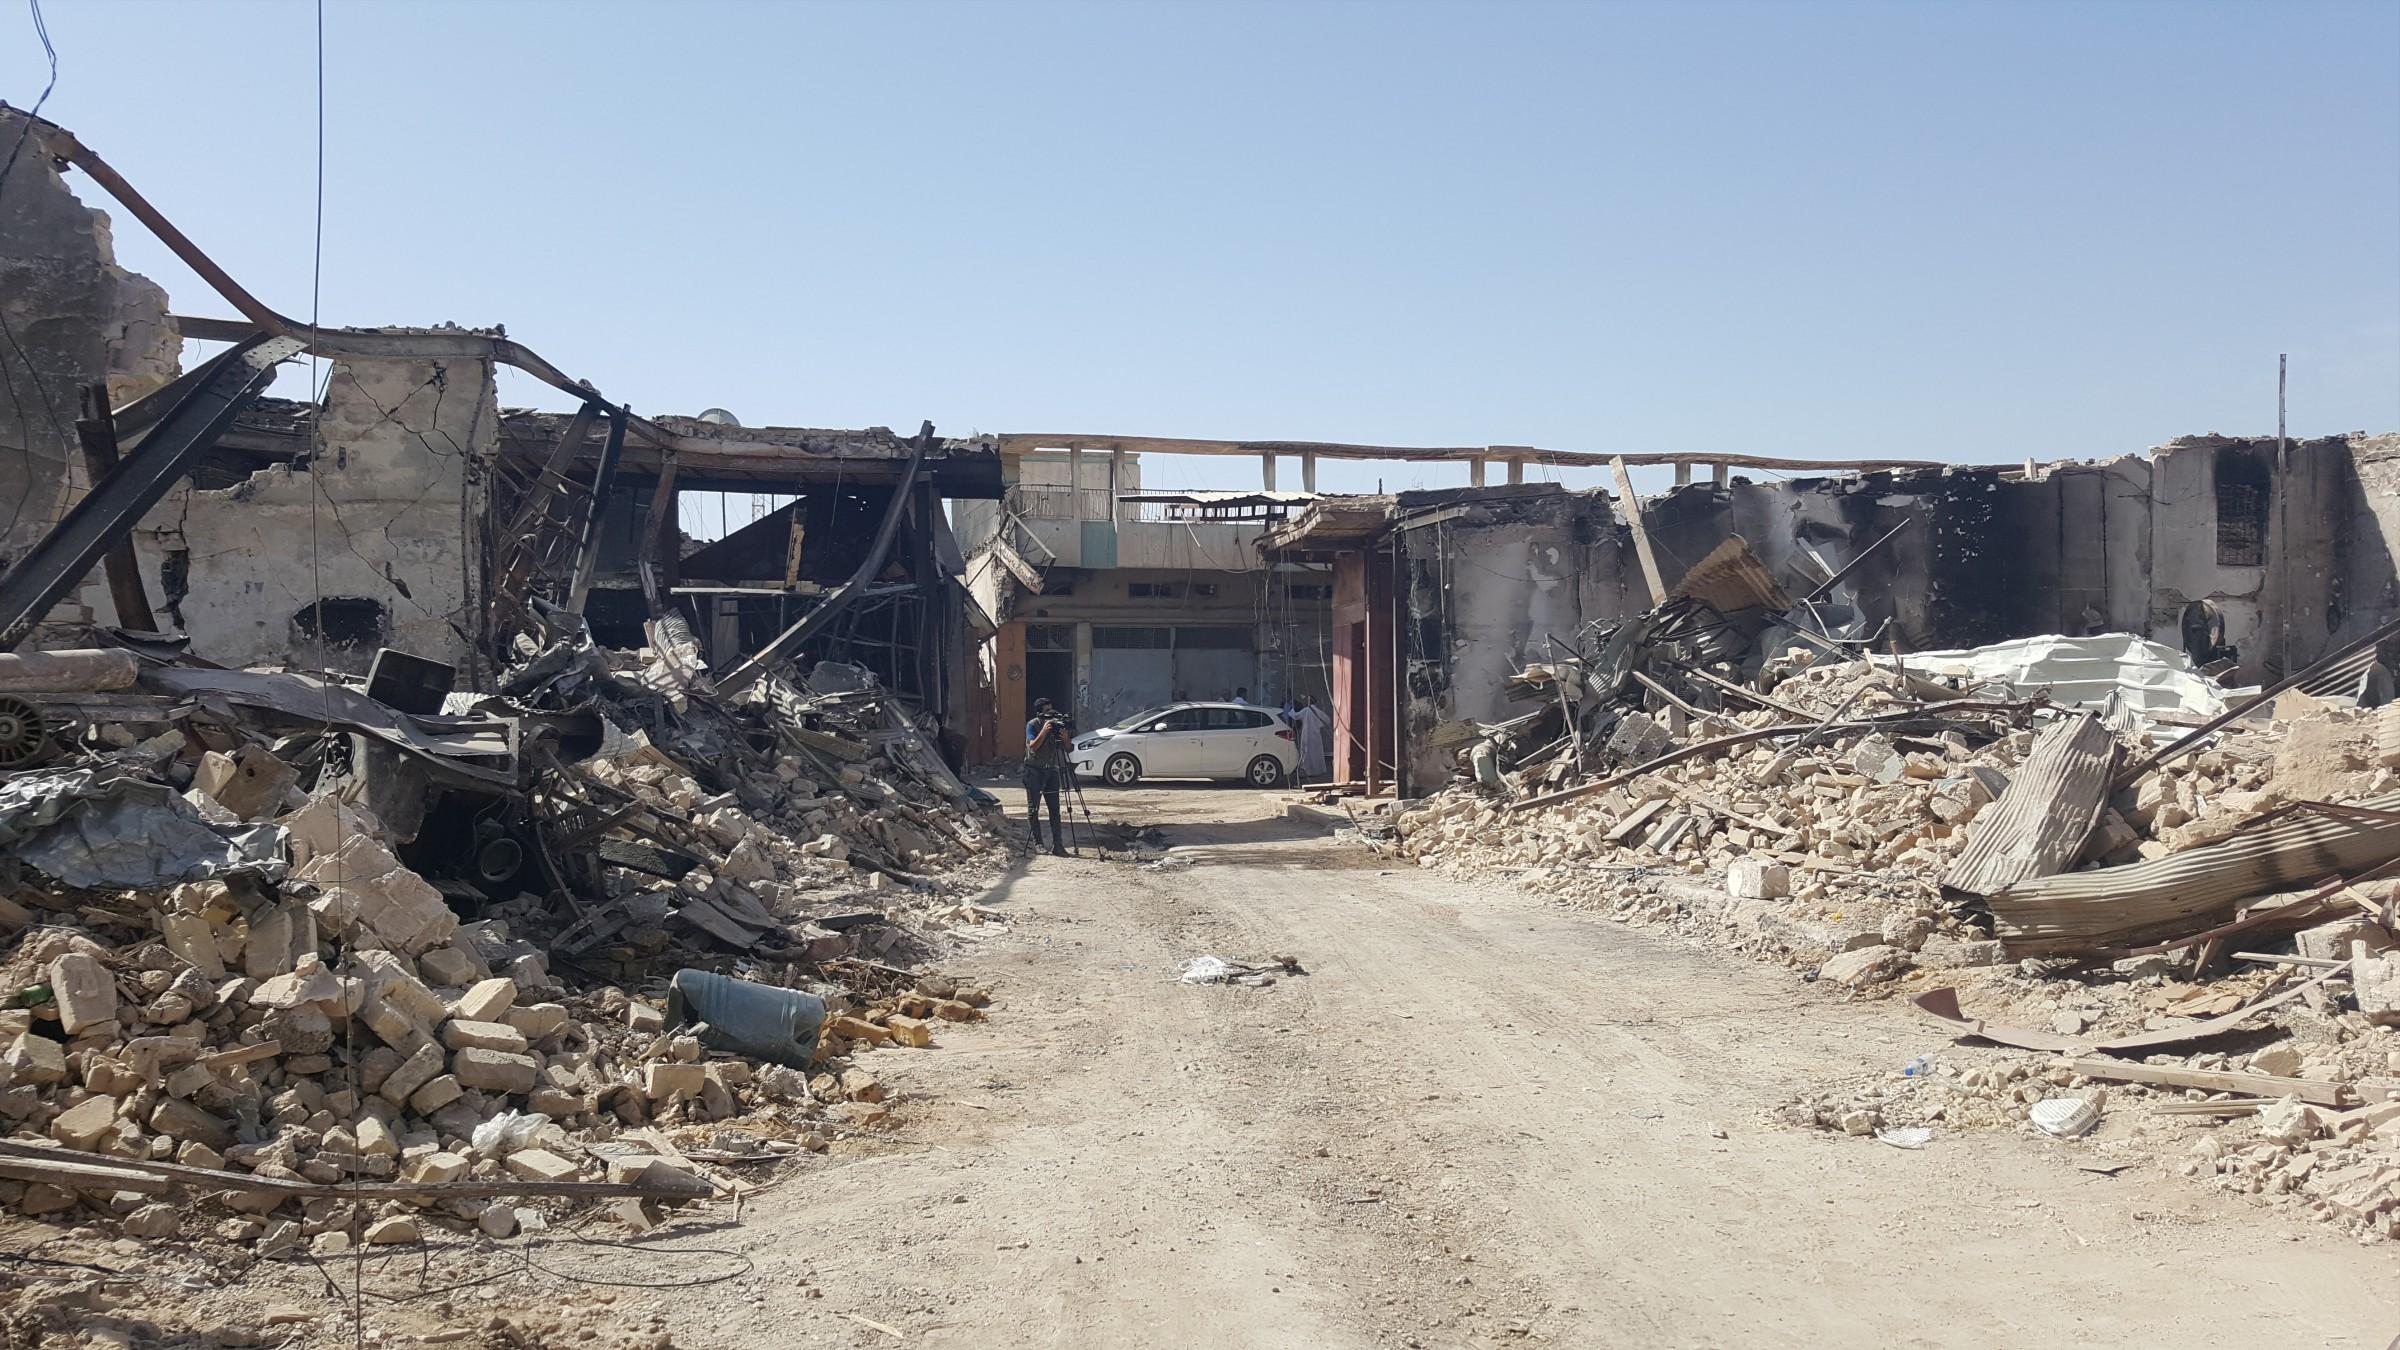 أصحاب محال بسوق الفلوجة يطالبون بتعويضات ومجلس الأنبار يوجه لجاناً بكشف الأضرار